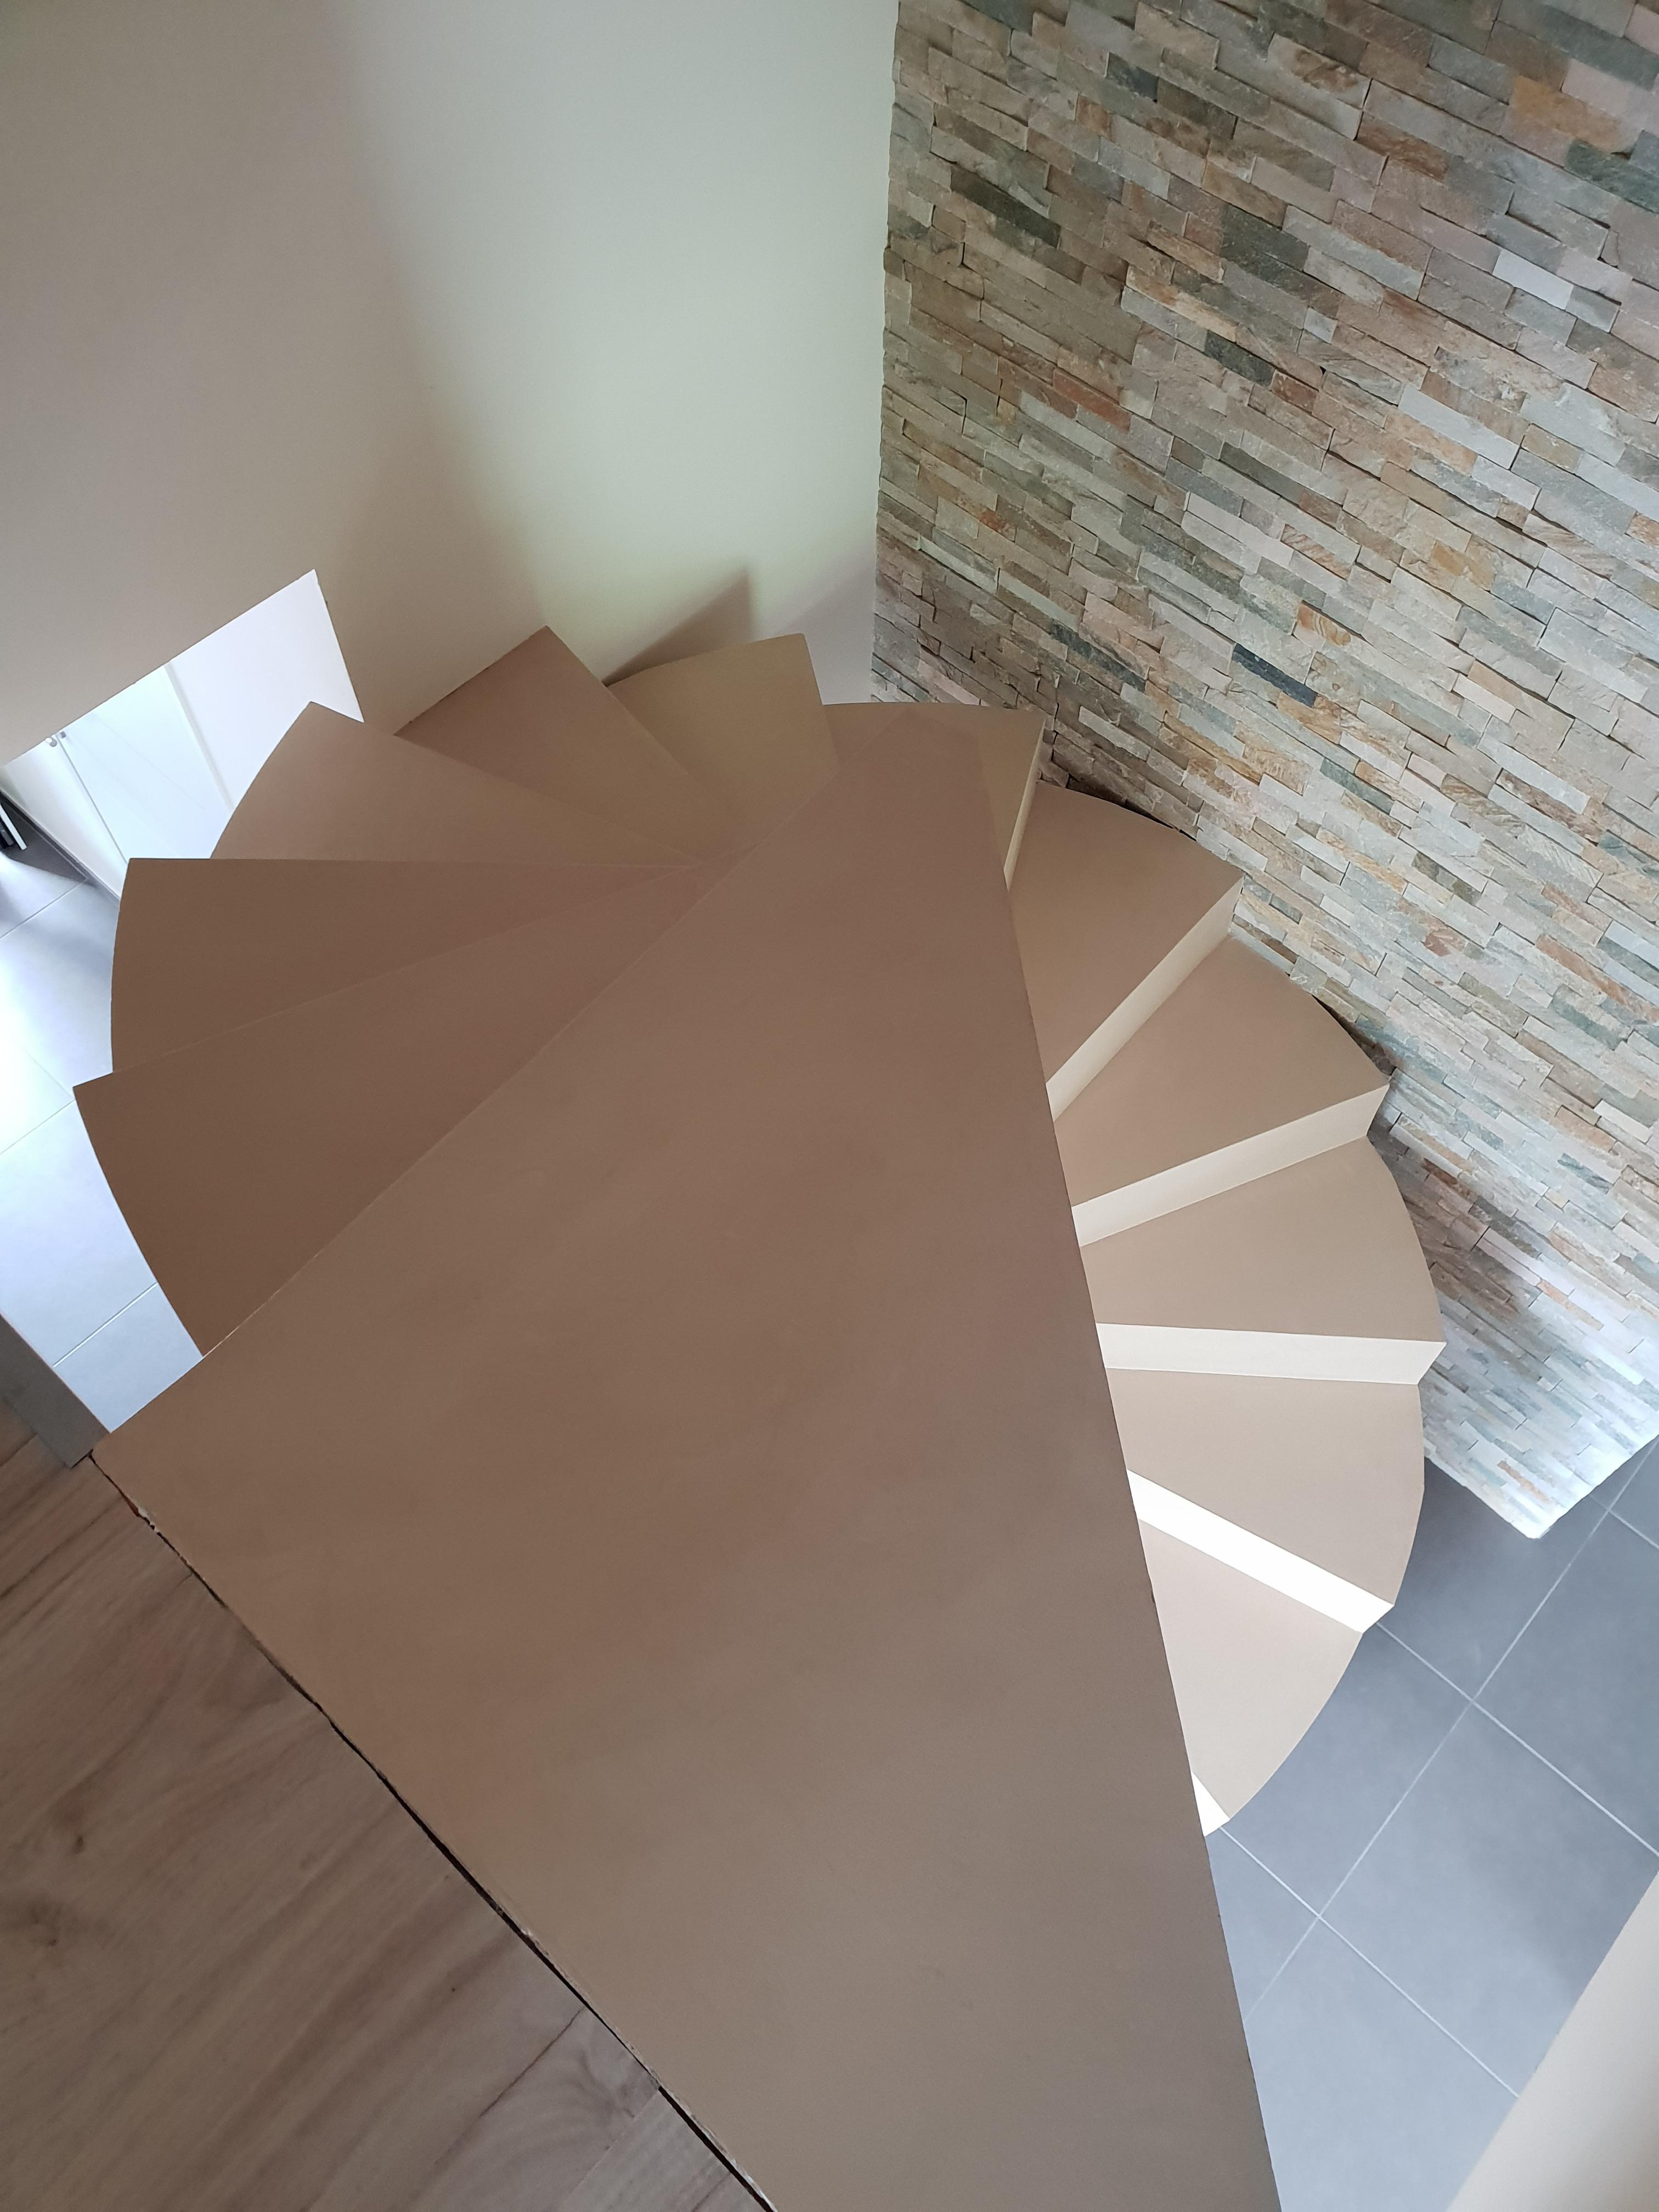 Marche palière d'arrivée triangulaire d'un escalier en colimaçon